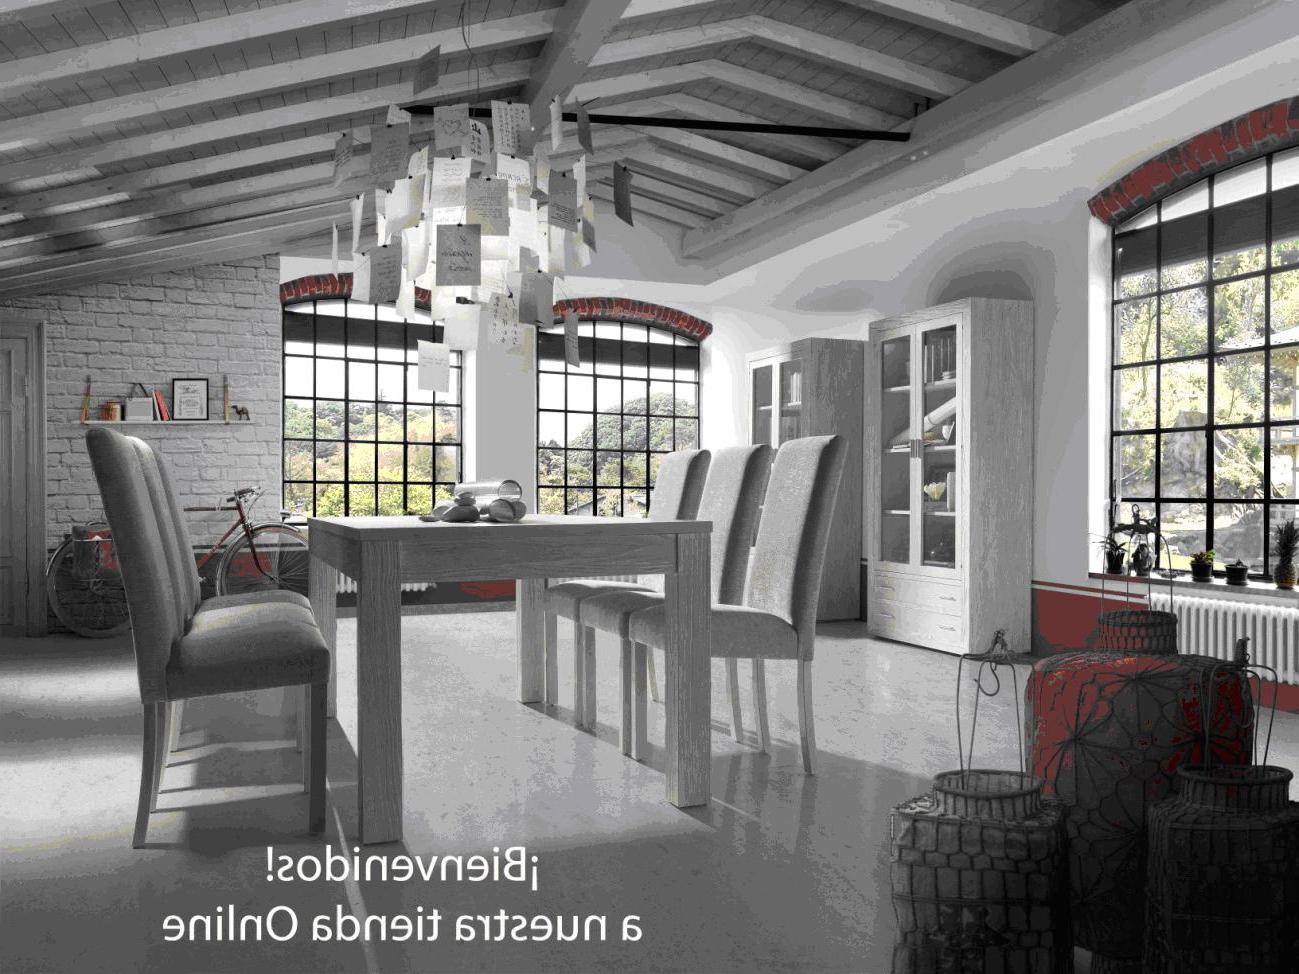 Tienda Online Muebles O2d5 Nueva Tienda Online De Casanova Gandà A Noticias Habitat